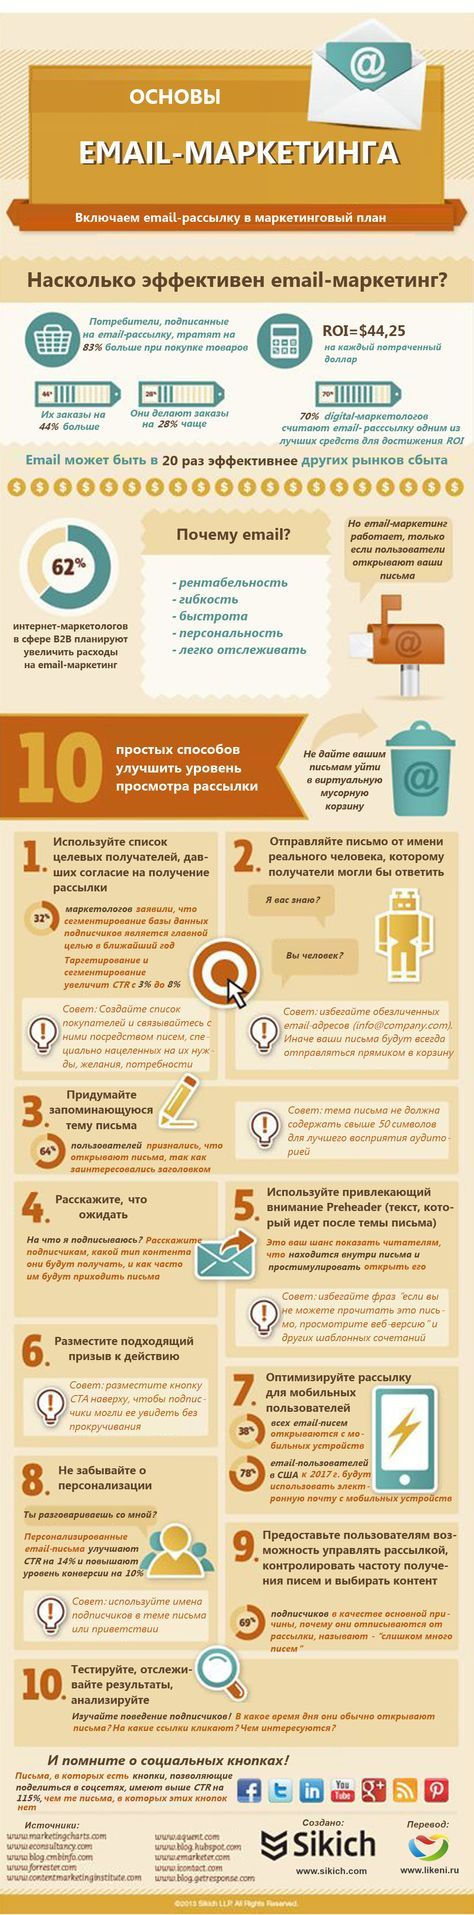 Письмо «Мы думаем, что вам могут понравится эти Пины» — Pinterest — Яндекс.Почта